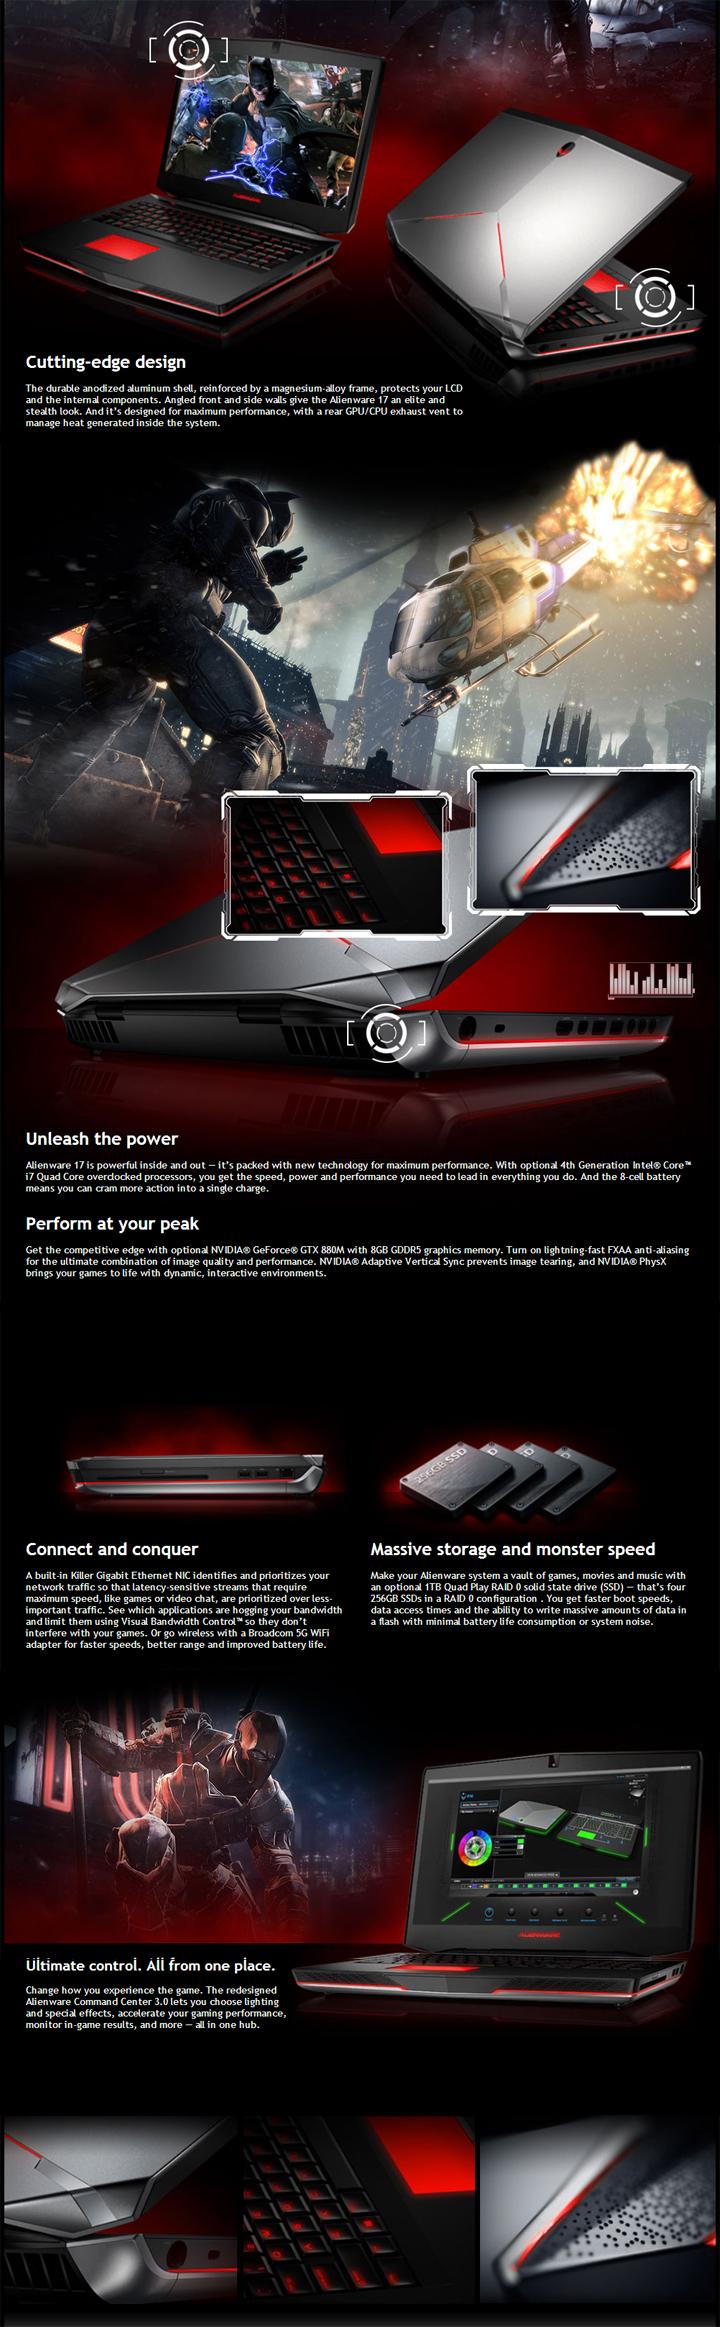 Alienware 17-860M for Intel® Mobile Core i7-4700MQ Haswell Processor